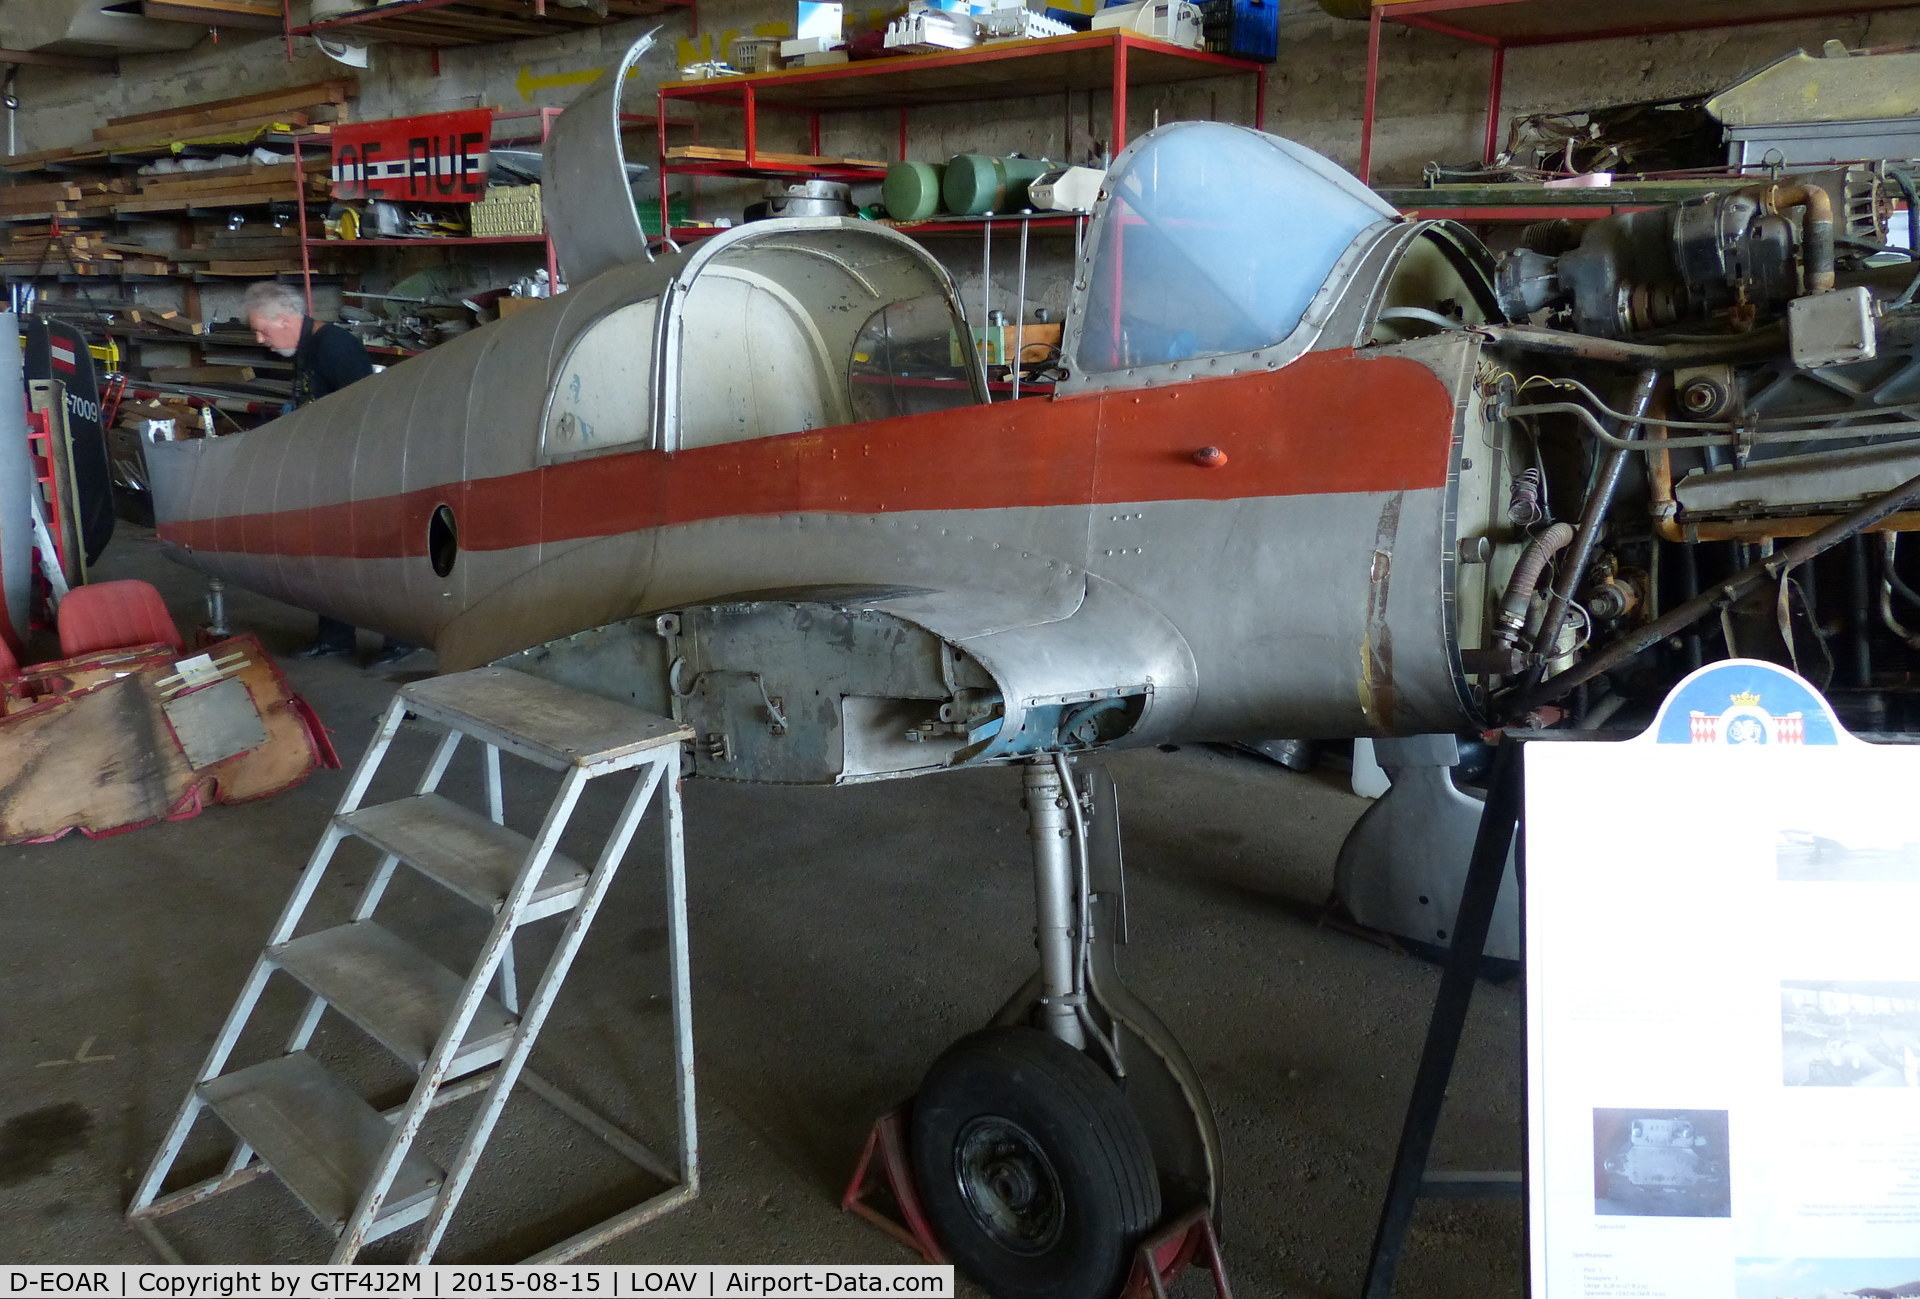 D-EOAR, Nord 1002 Pingouin II C/N 163, D-EOAR stored in the Austrian Aviation Museum Hangar Voslau-Wien 15.8.15